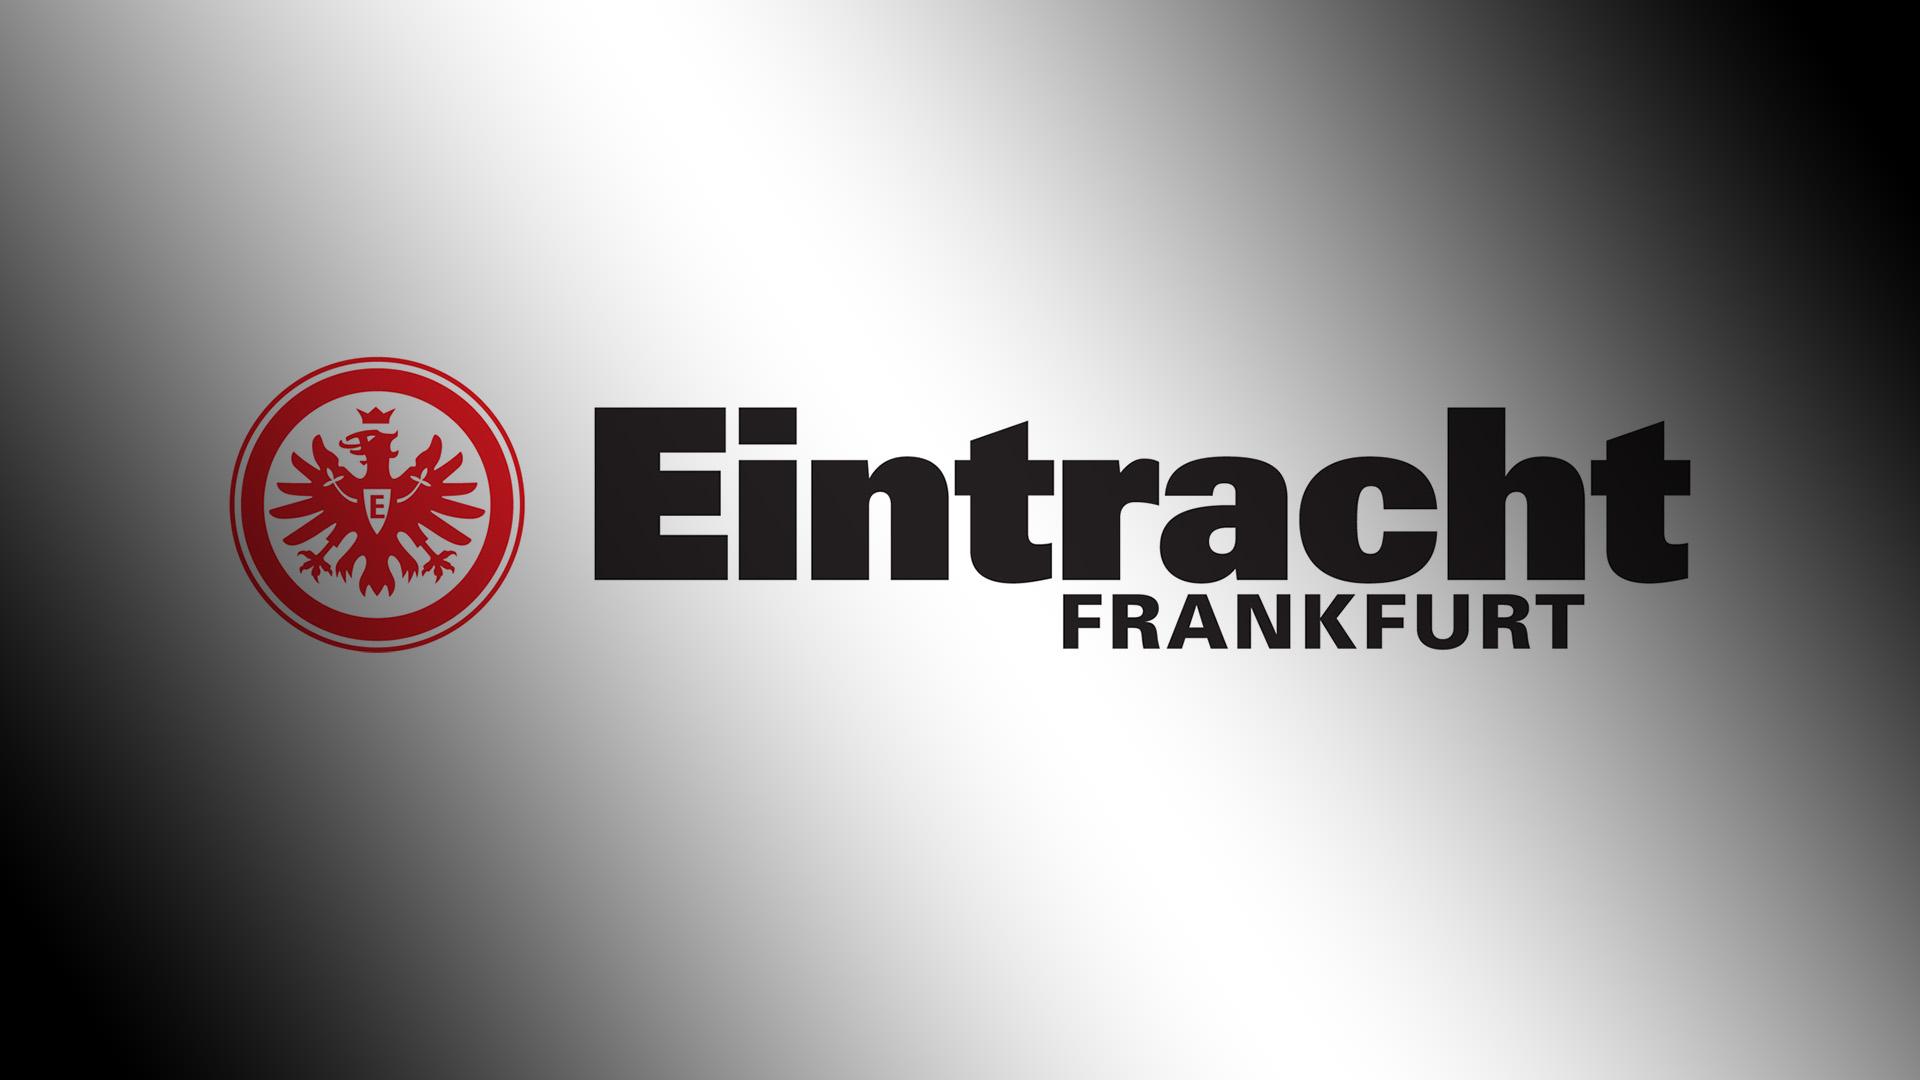 Eintracht Frankfurt Wallpaper Eintracht Frankfurt